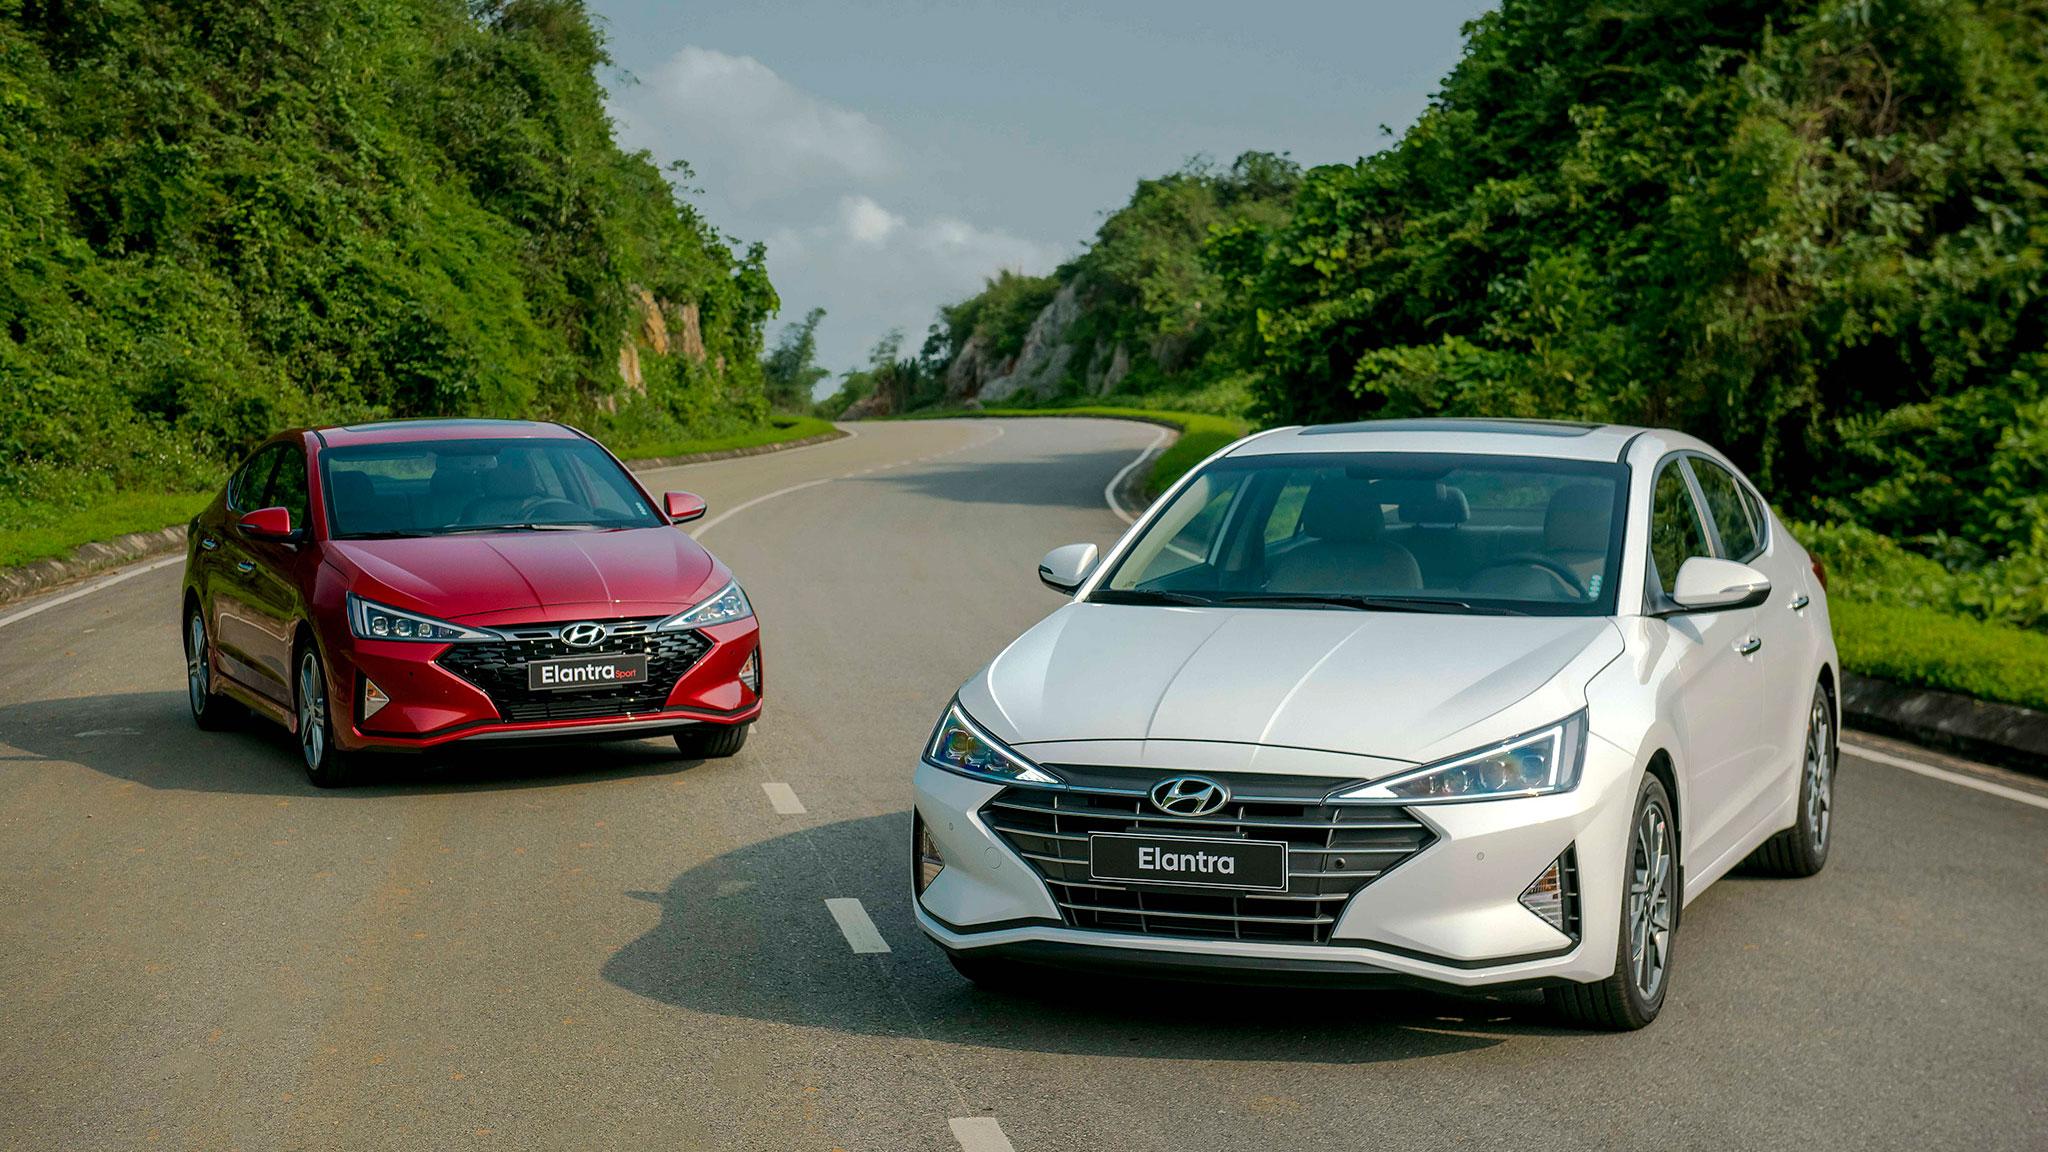 Tháng 12: TC MOTOR khuyến mại lên đến 40 triệu đồng cho xe Hyundai